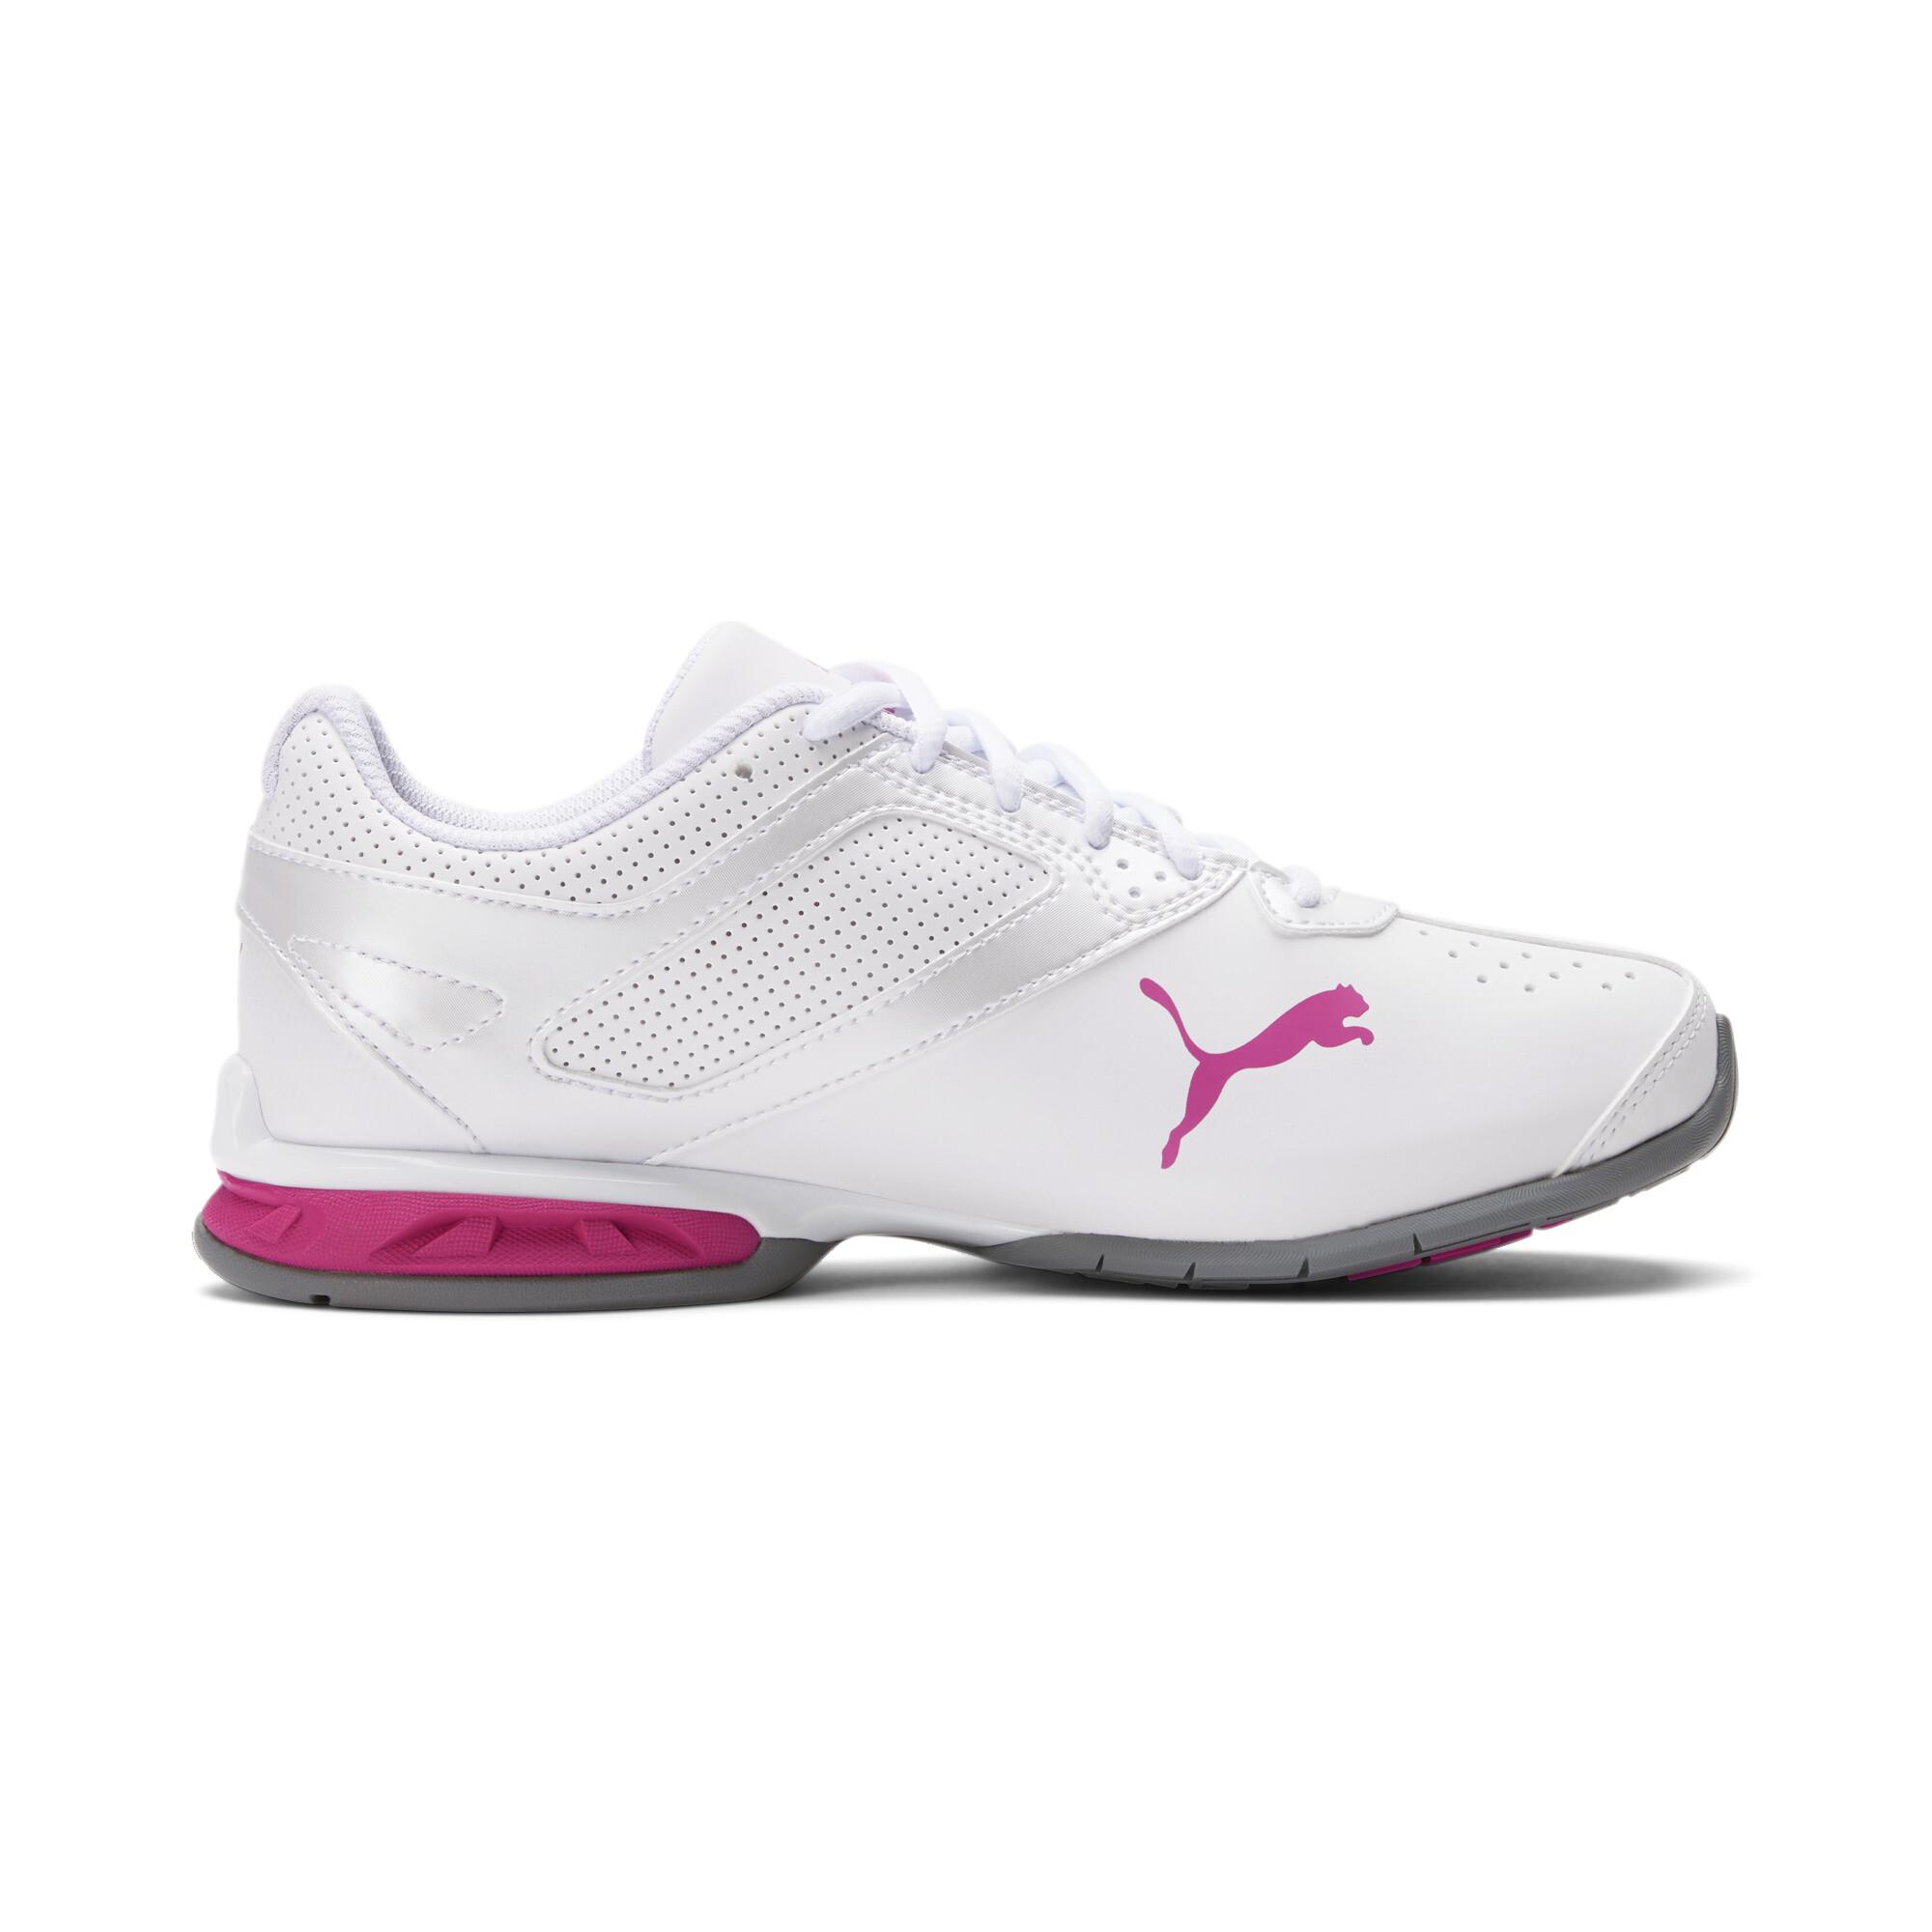 PUMA-Tazon-6-FM-Women-039-s-Sneakers-Women-Shoe-Running thumbnail 13